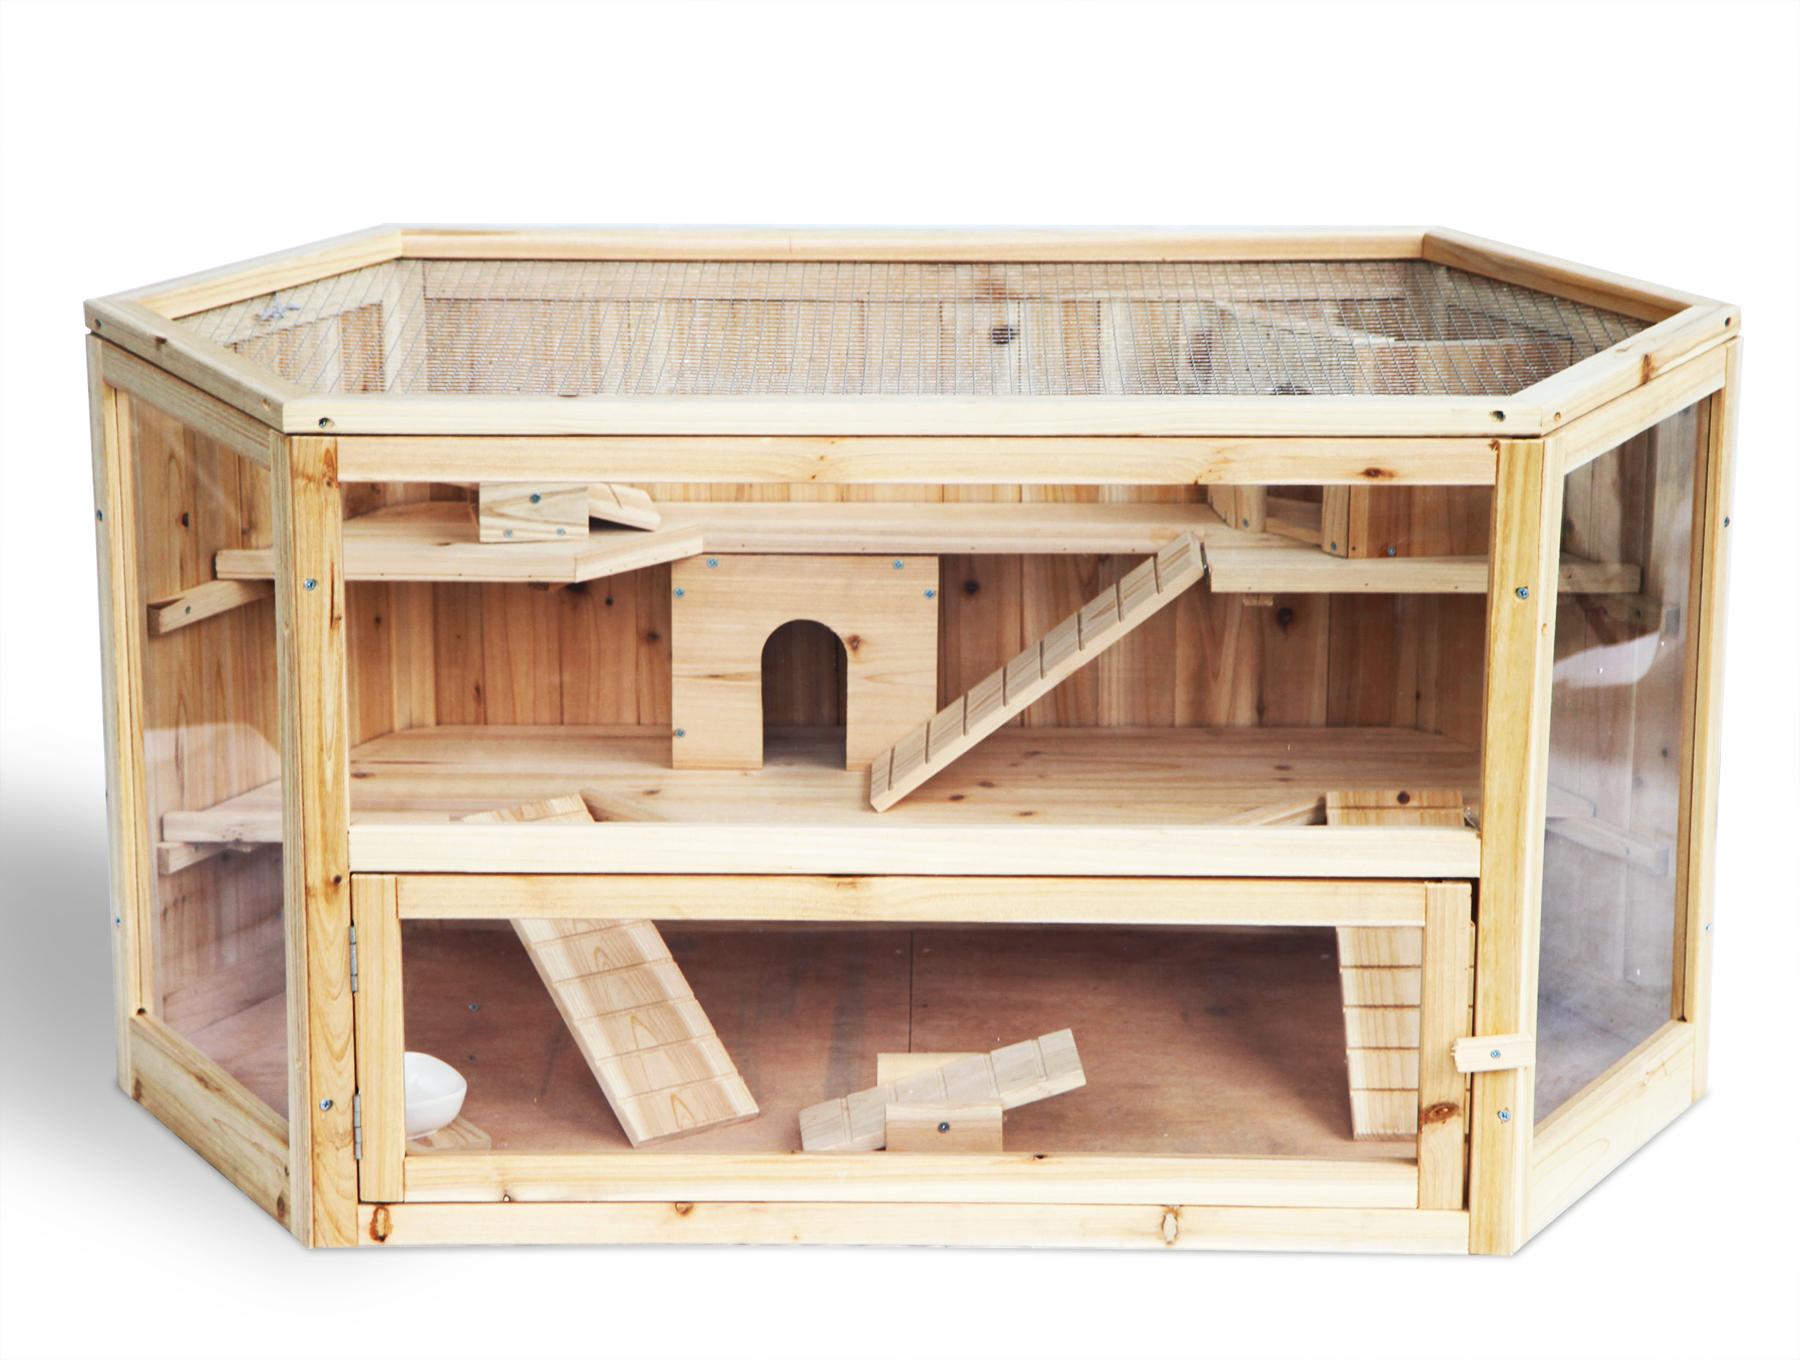 hamsterk fig nagerstall m usek fig rattenk fig kleintierk fig k fig holz 244 ebay. Black Bedroom Furniture Sets. Home Design Ideas